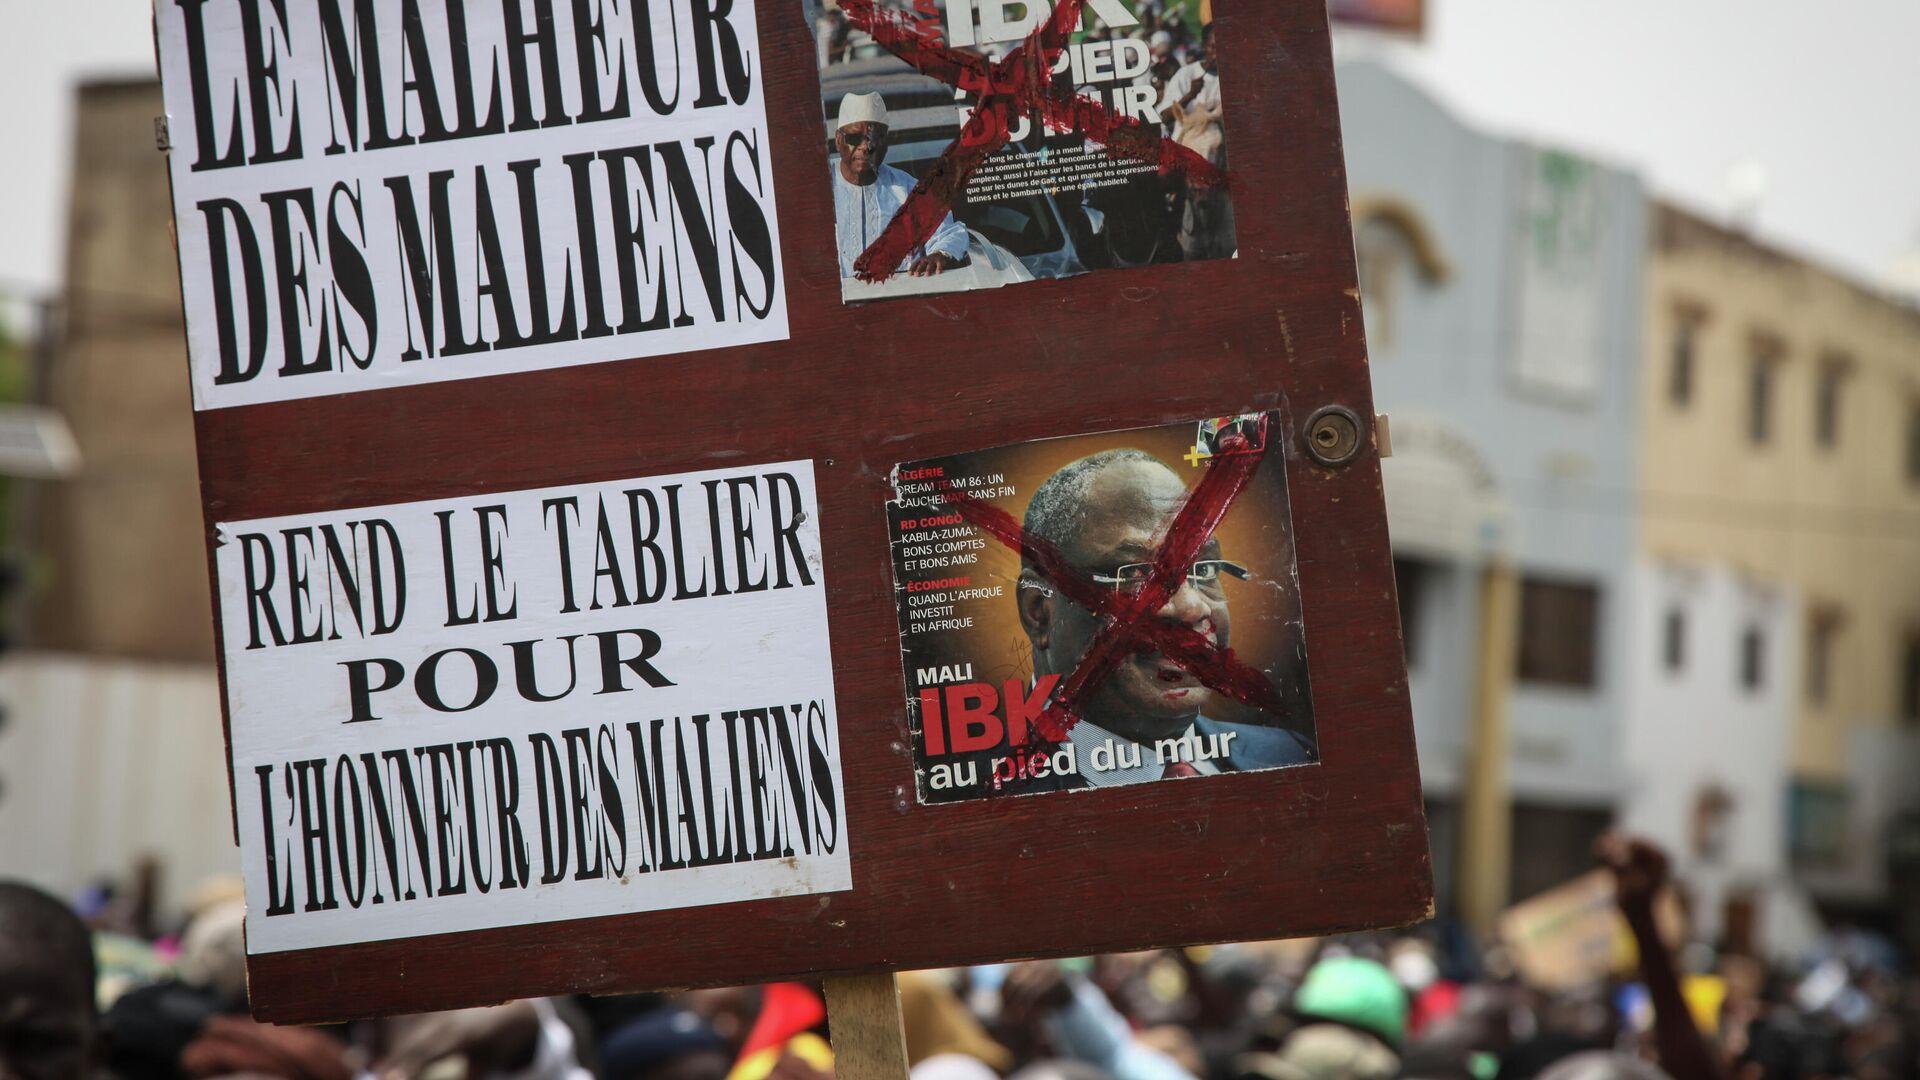 Участники акции протеста в Мали держат плакат с надписью Беда малийцев. Уступите во имя чести малийцев  - РИА Новости, 1920, 20.07.2021